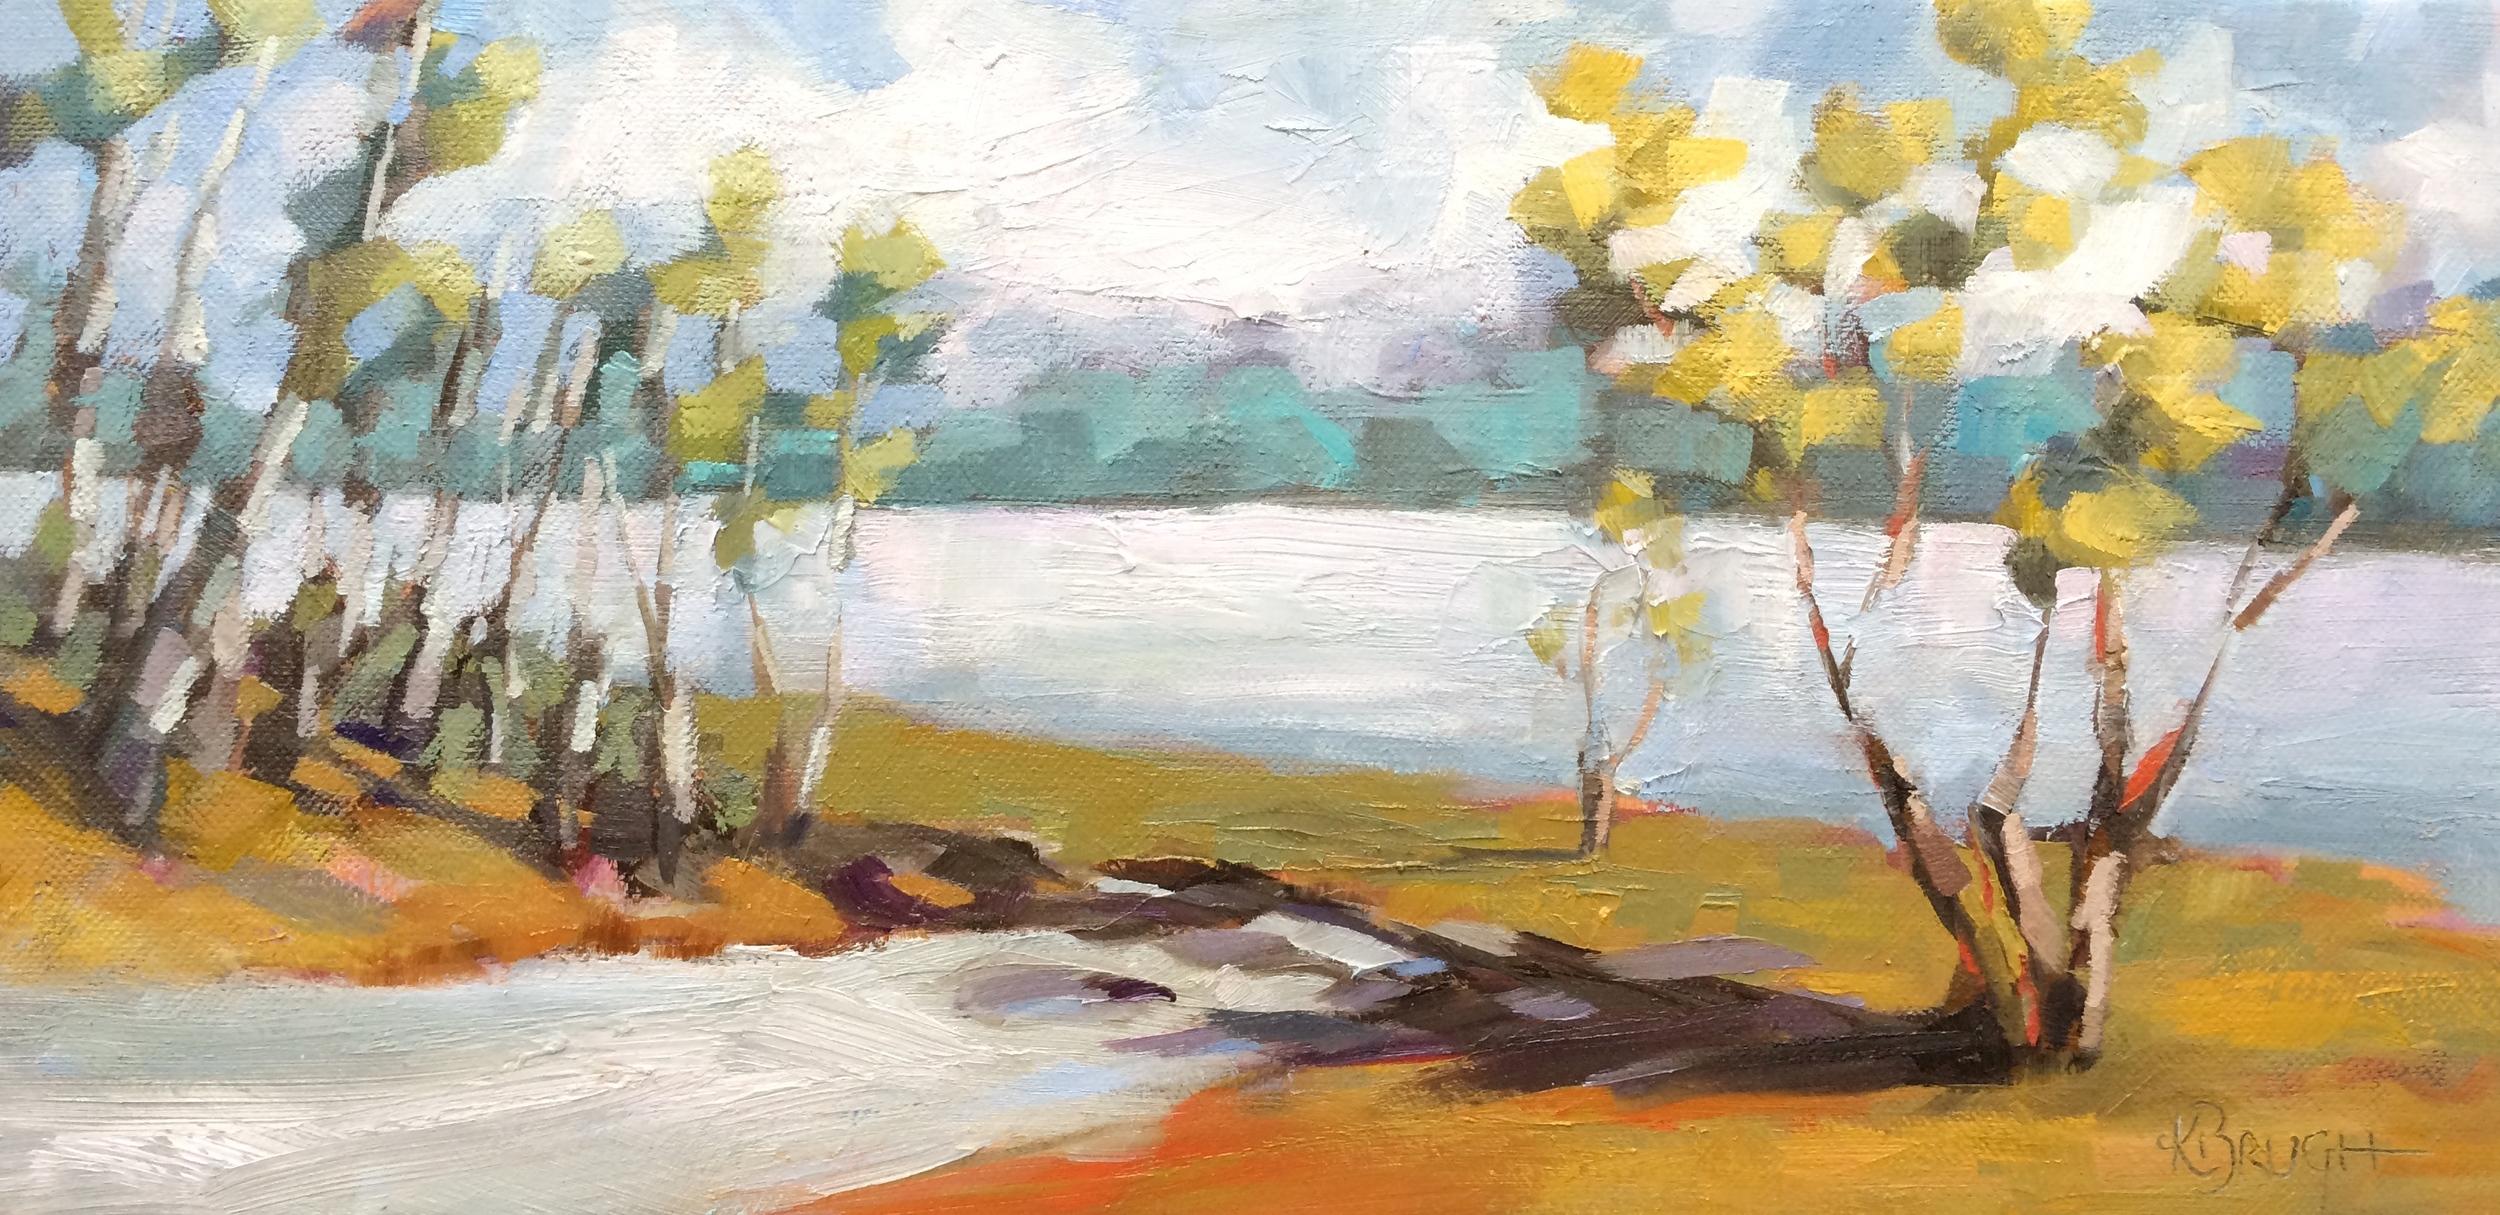 Kelley Brugh_Lake Stroll_8x16, Oil on canvas.JPG